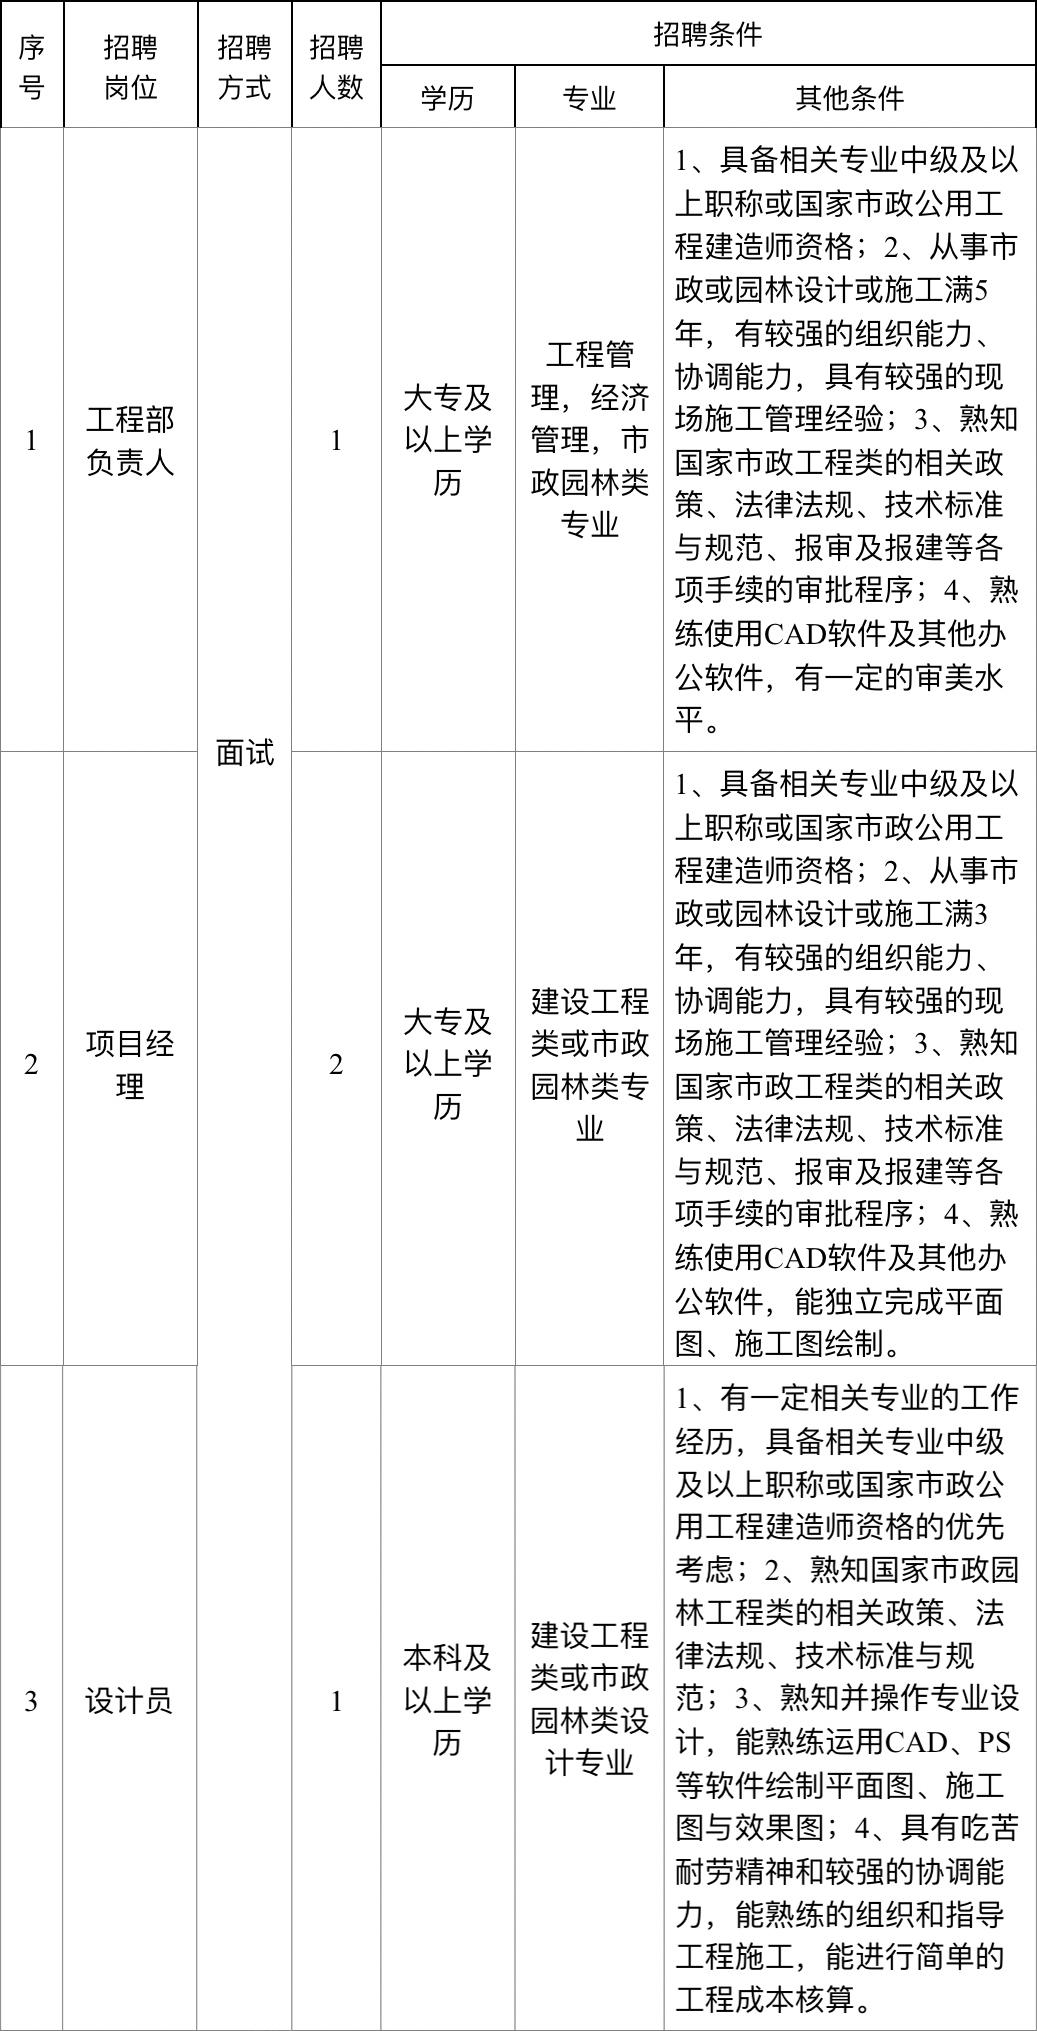 贝博体育正规吗市华夏园林工程有限公司2020年公开招聘简章